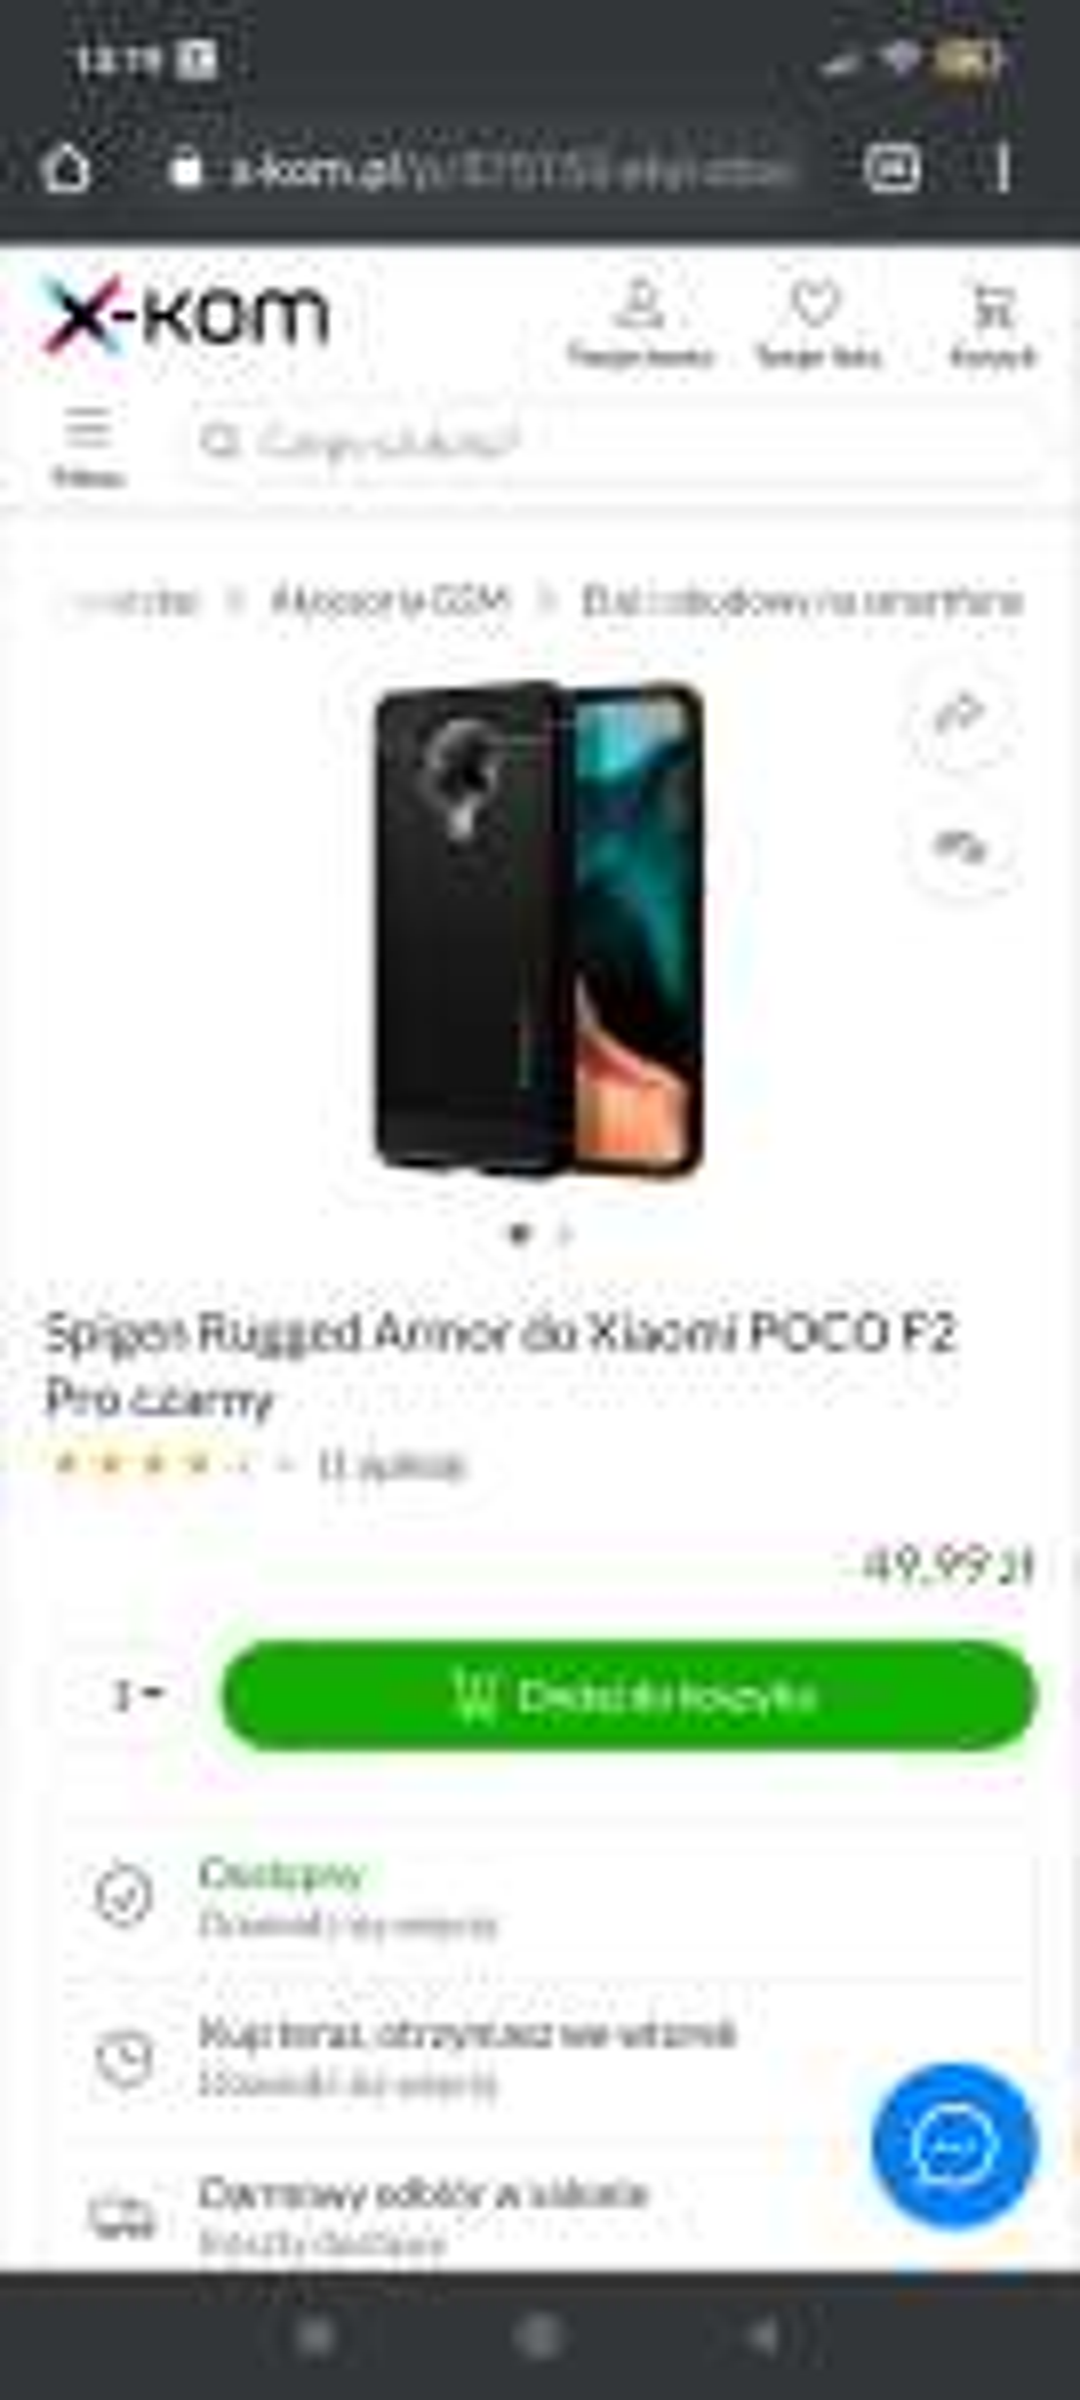 Etui Spigen Rugged Armor do Xiaomi POCO F2 Pro czarny w X-kom